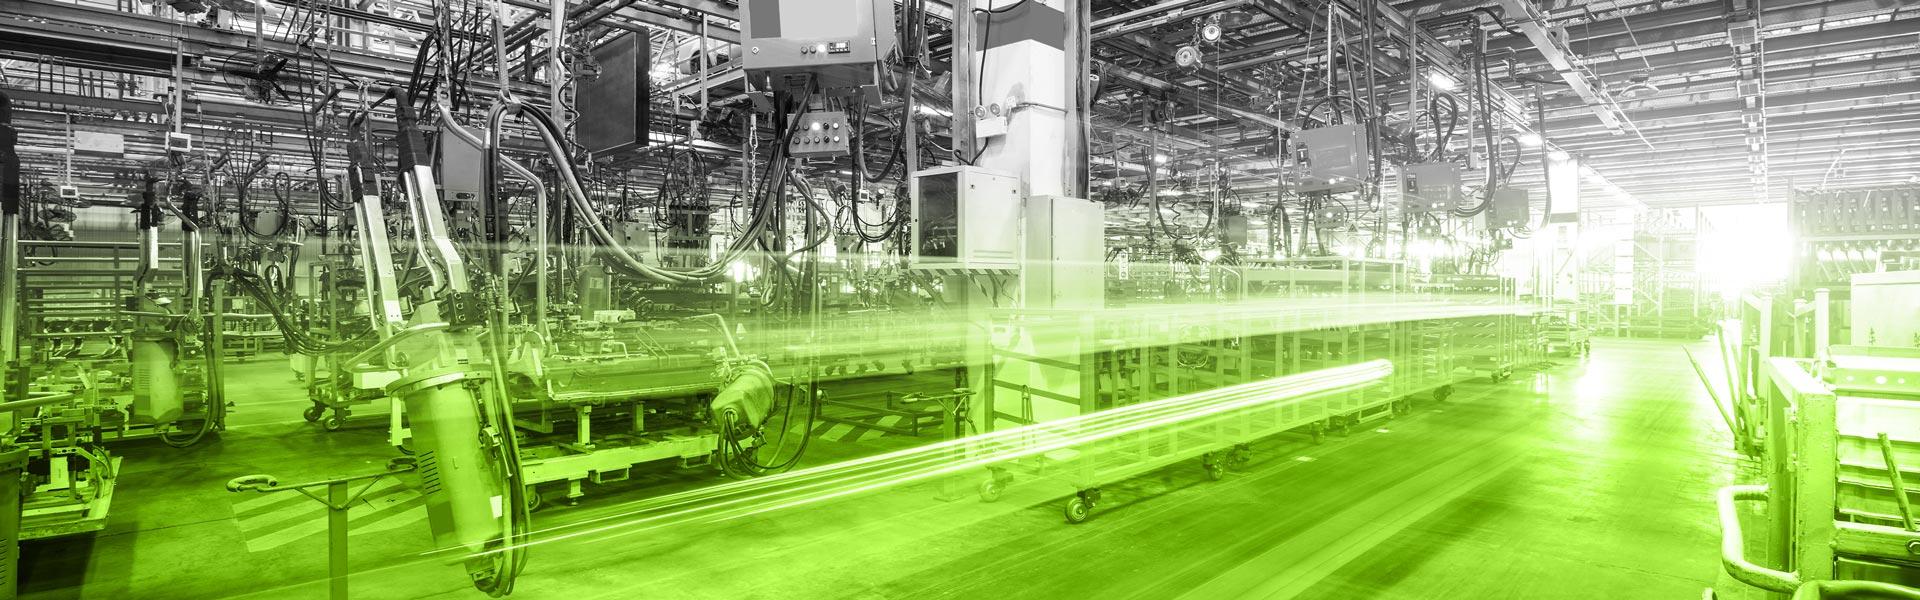 Automation Steuerungen induport GmbH